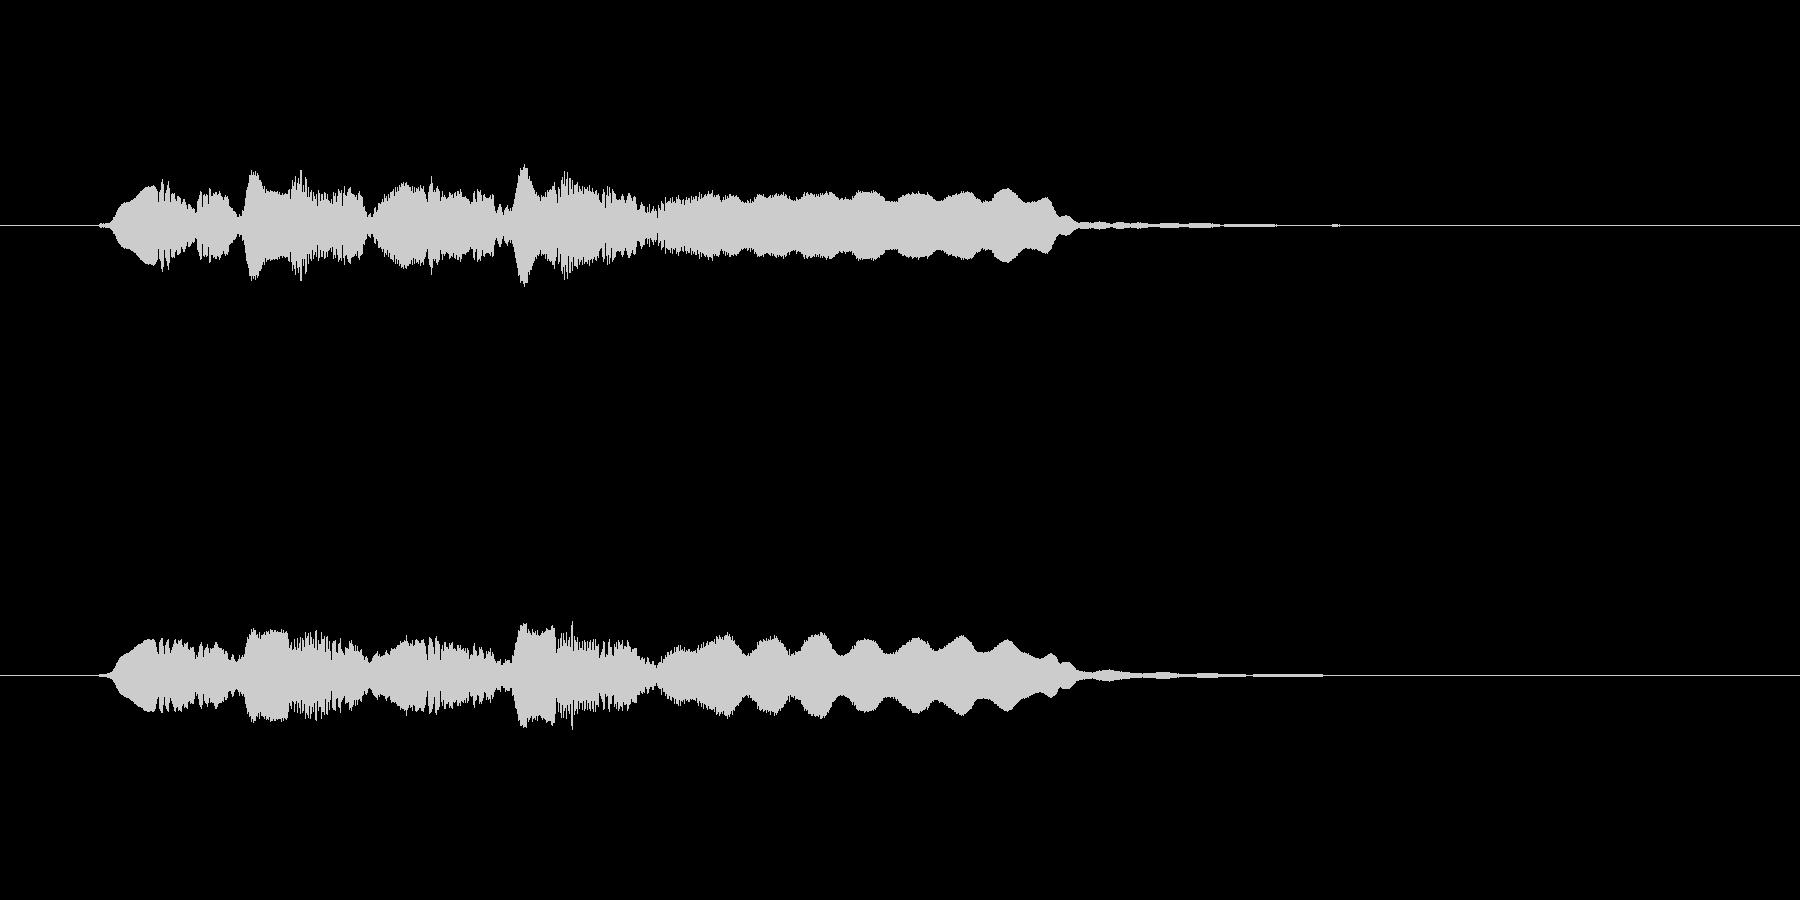 ゆったりとした音楽を奏でるフルートの未再生の波形